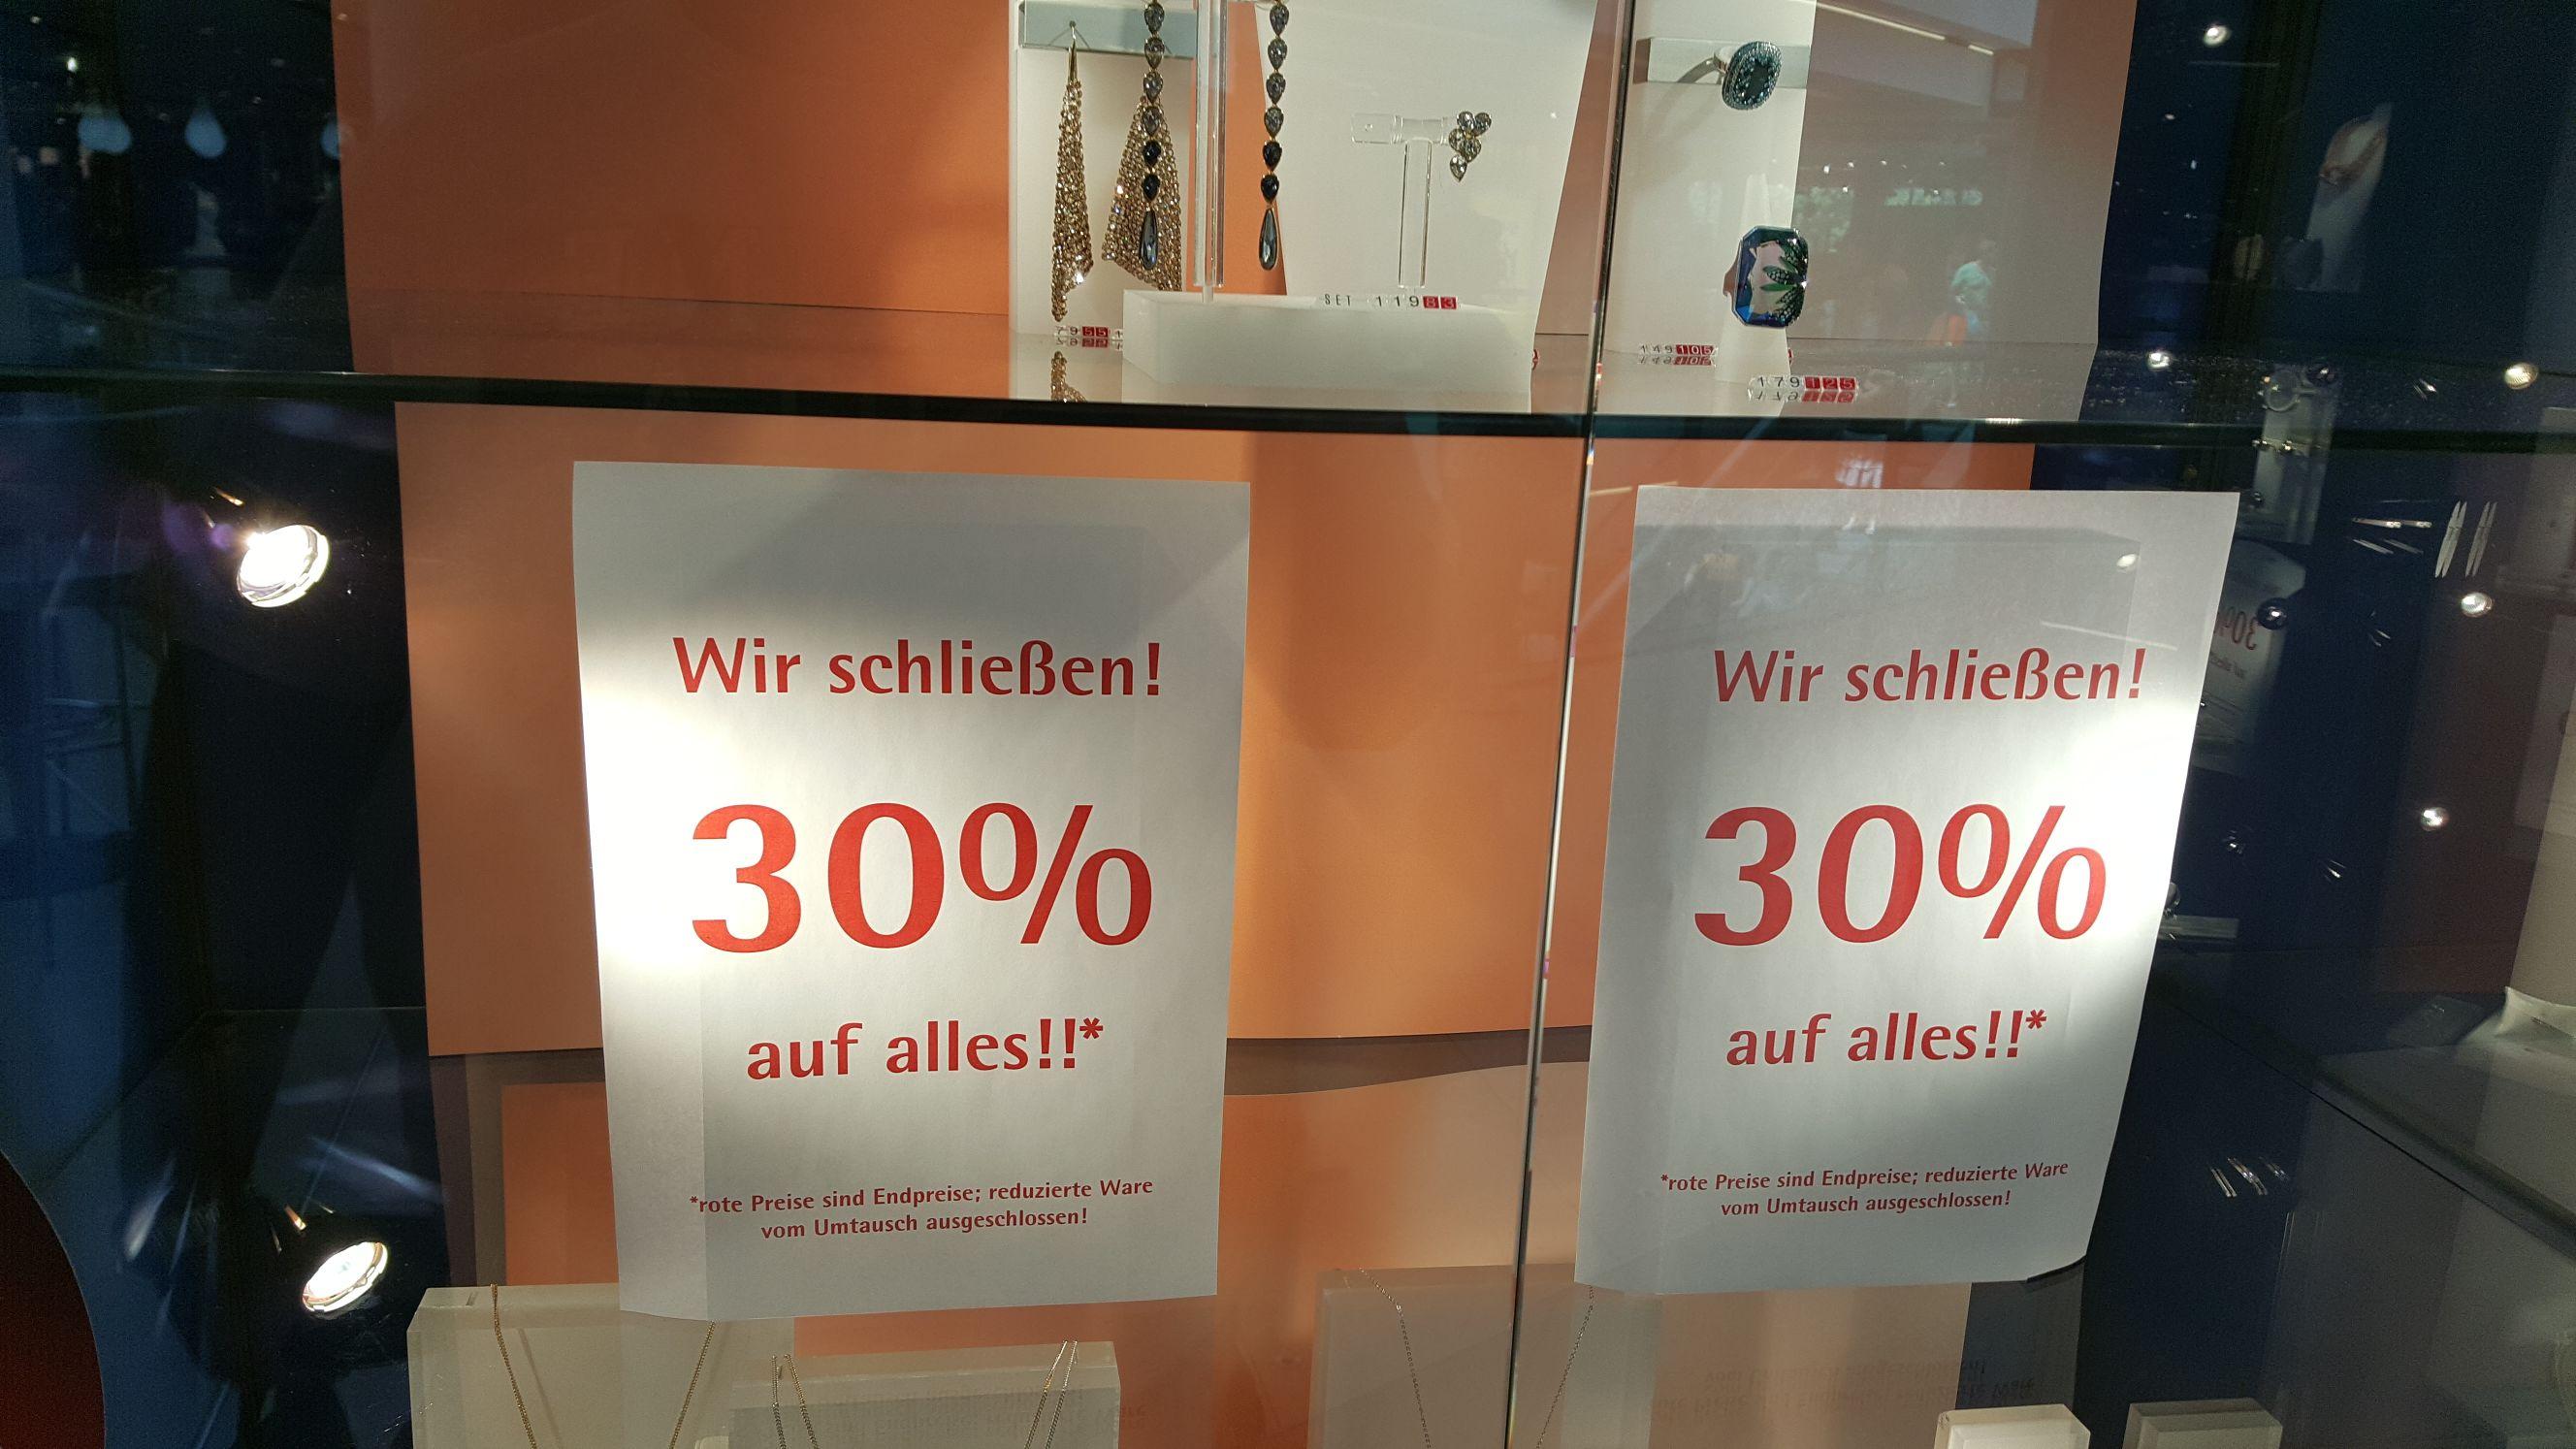 [Lokal Erlangen] 30% auf alles im Swarovski Laden